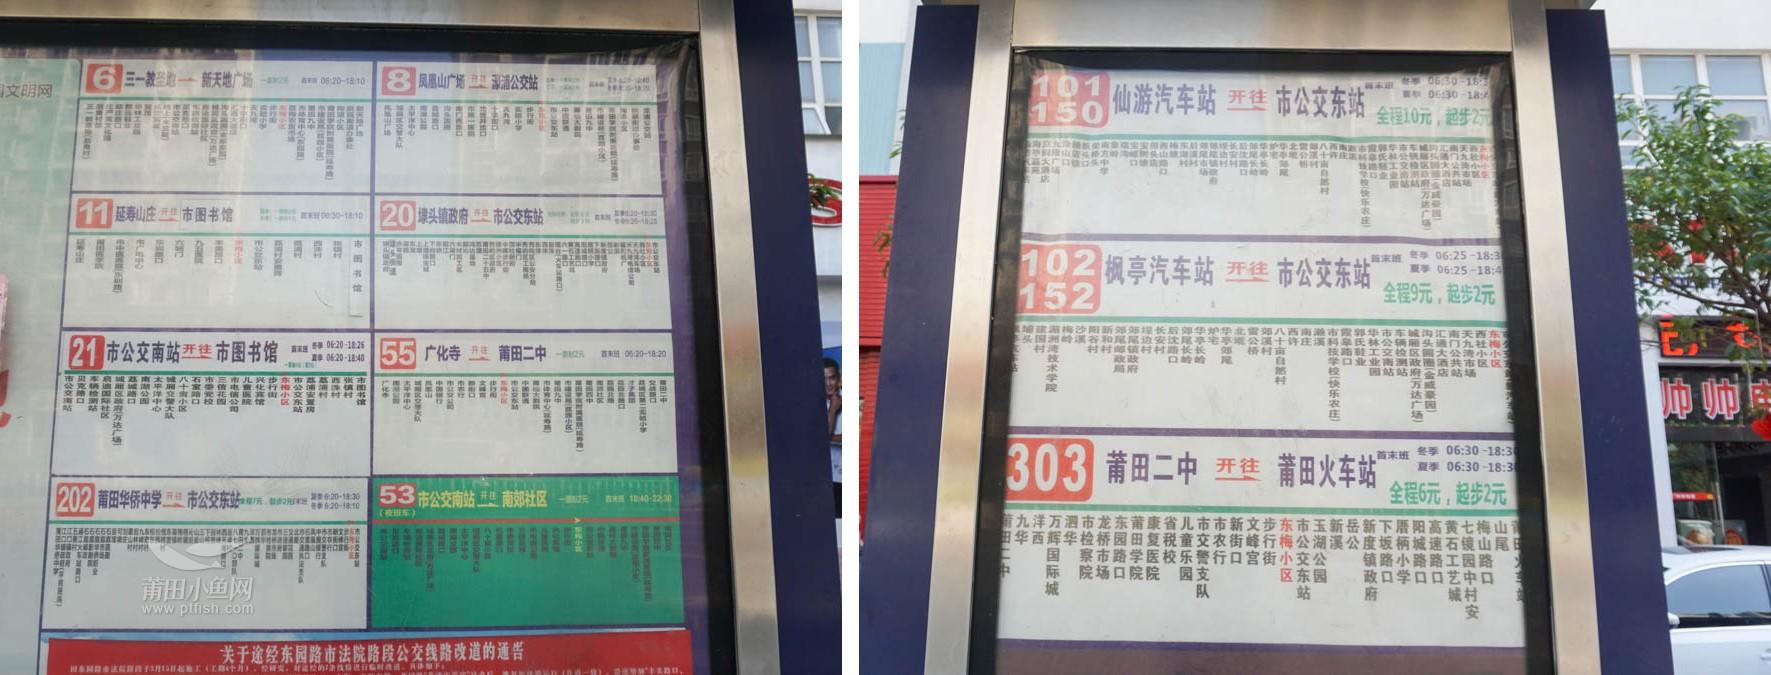 6路、8路、11路、20路等多条公交路线经过阳光100凤凰广场